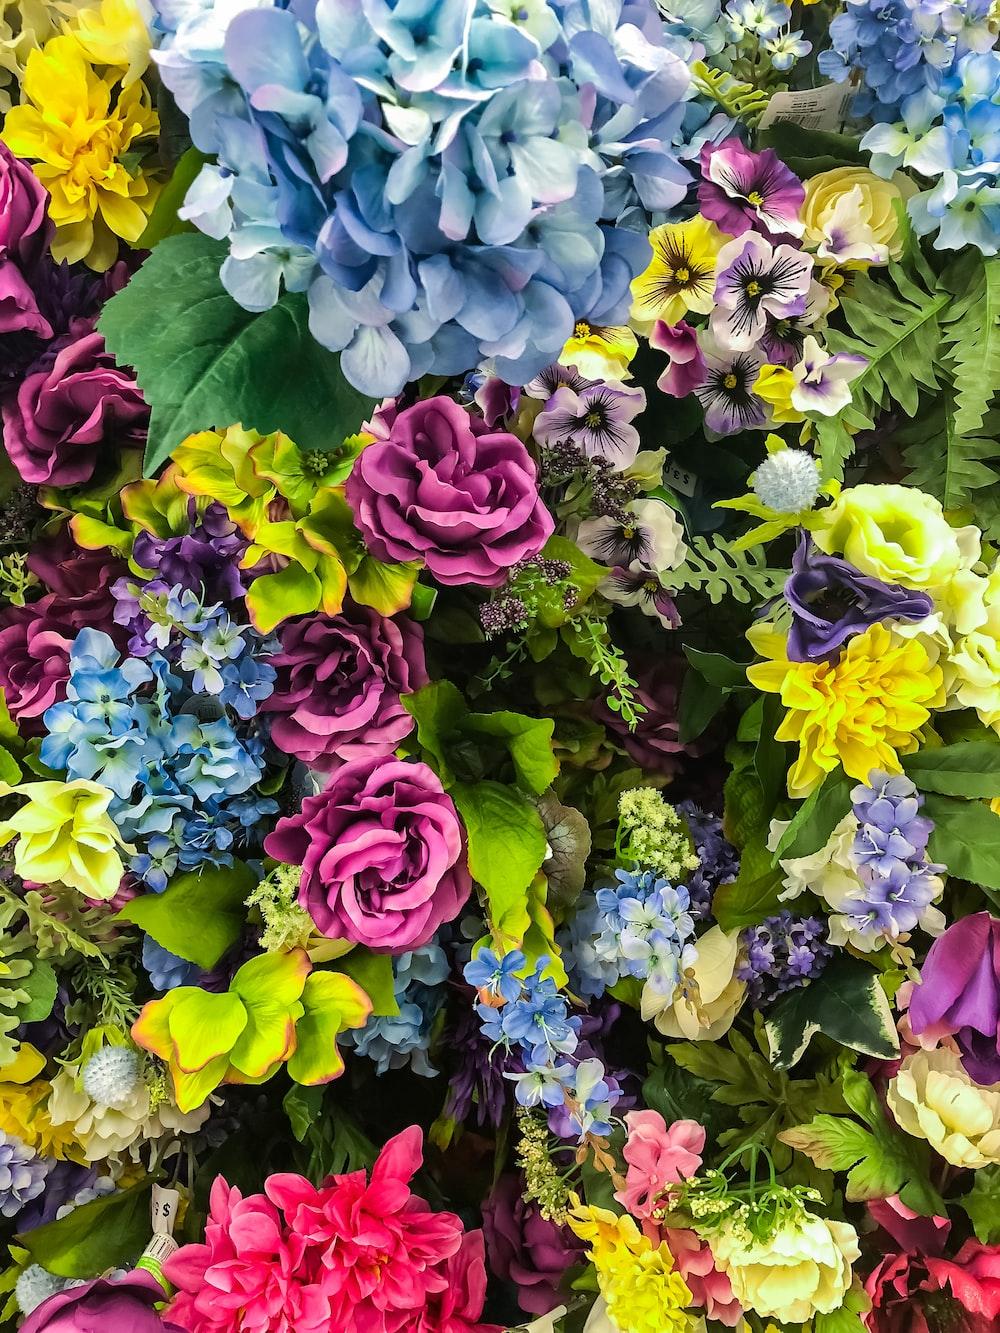 900+ Floral Background Images: Download HD Backgrounds On Unsplash